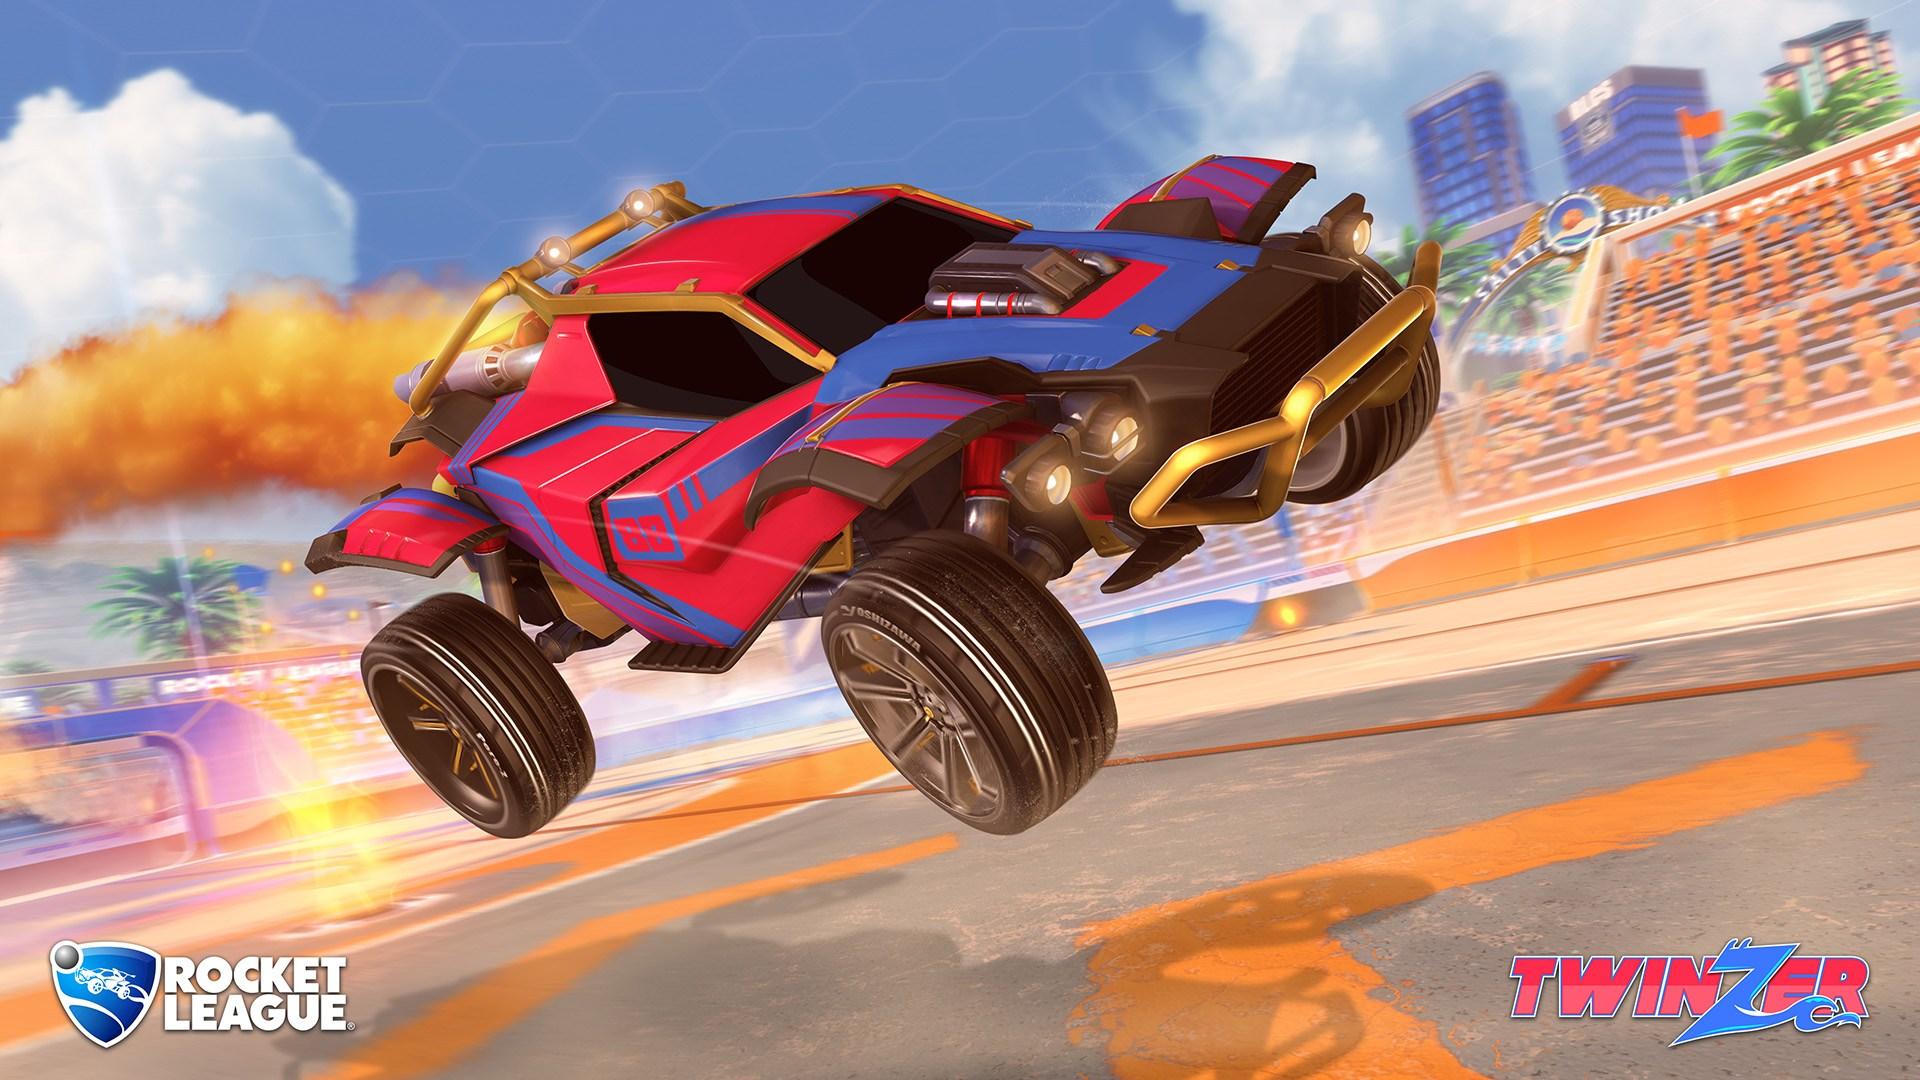 La nueva actualización traerá además este nuevo coche al repertorio de Rocket League: el Twinzer